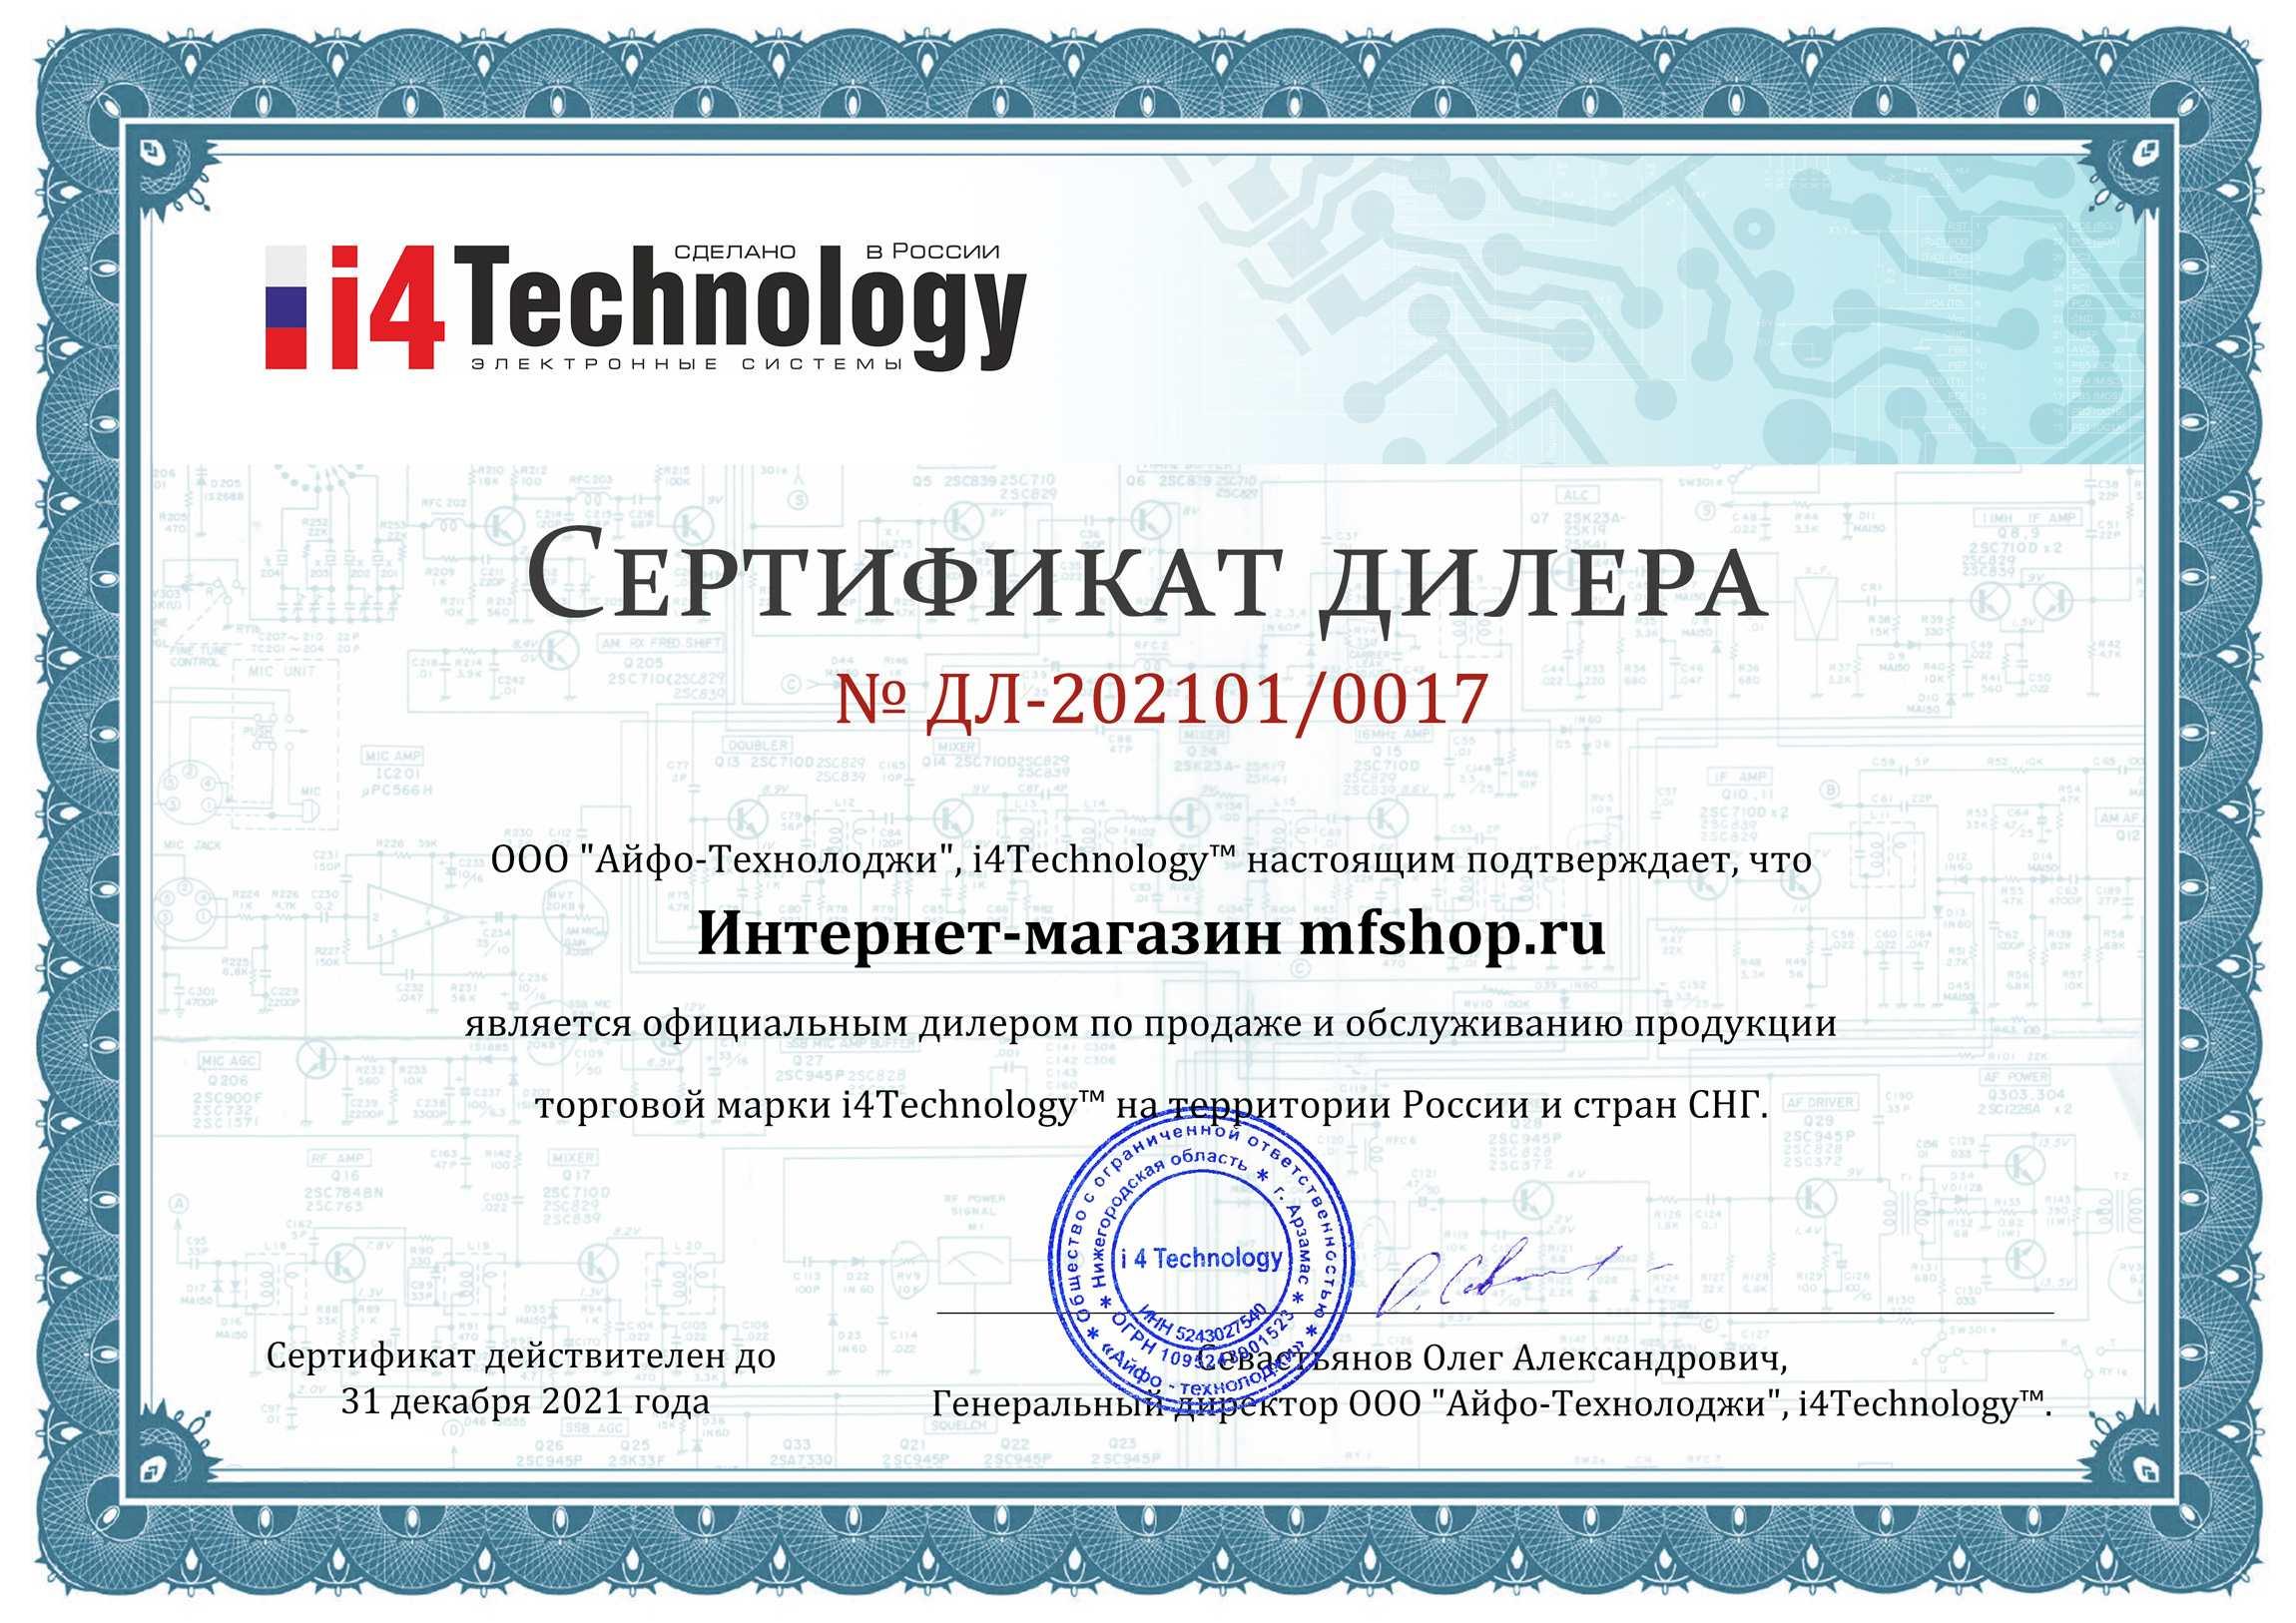 Сертификат дилера от компании